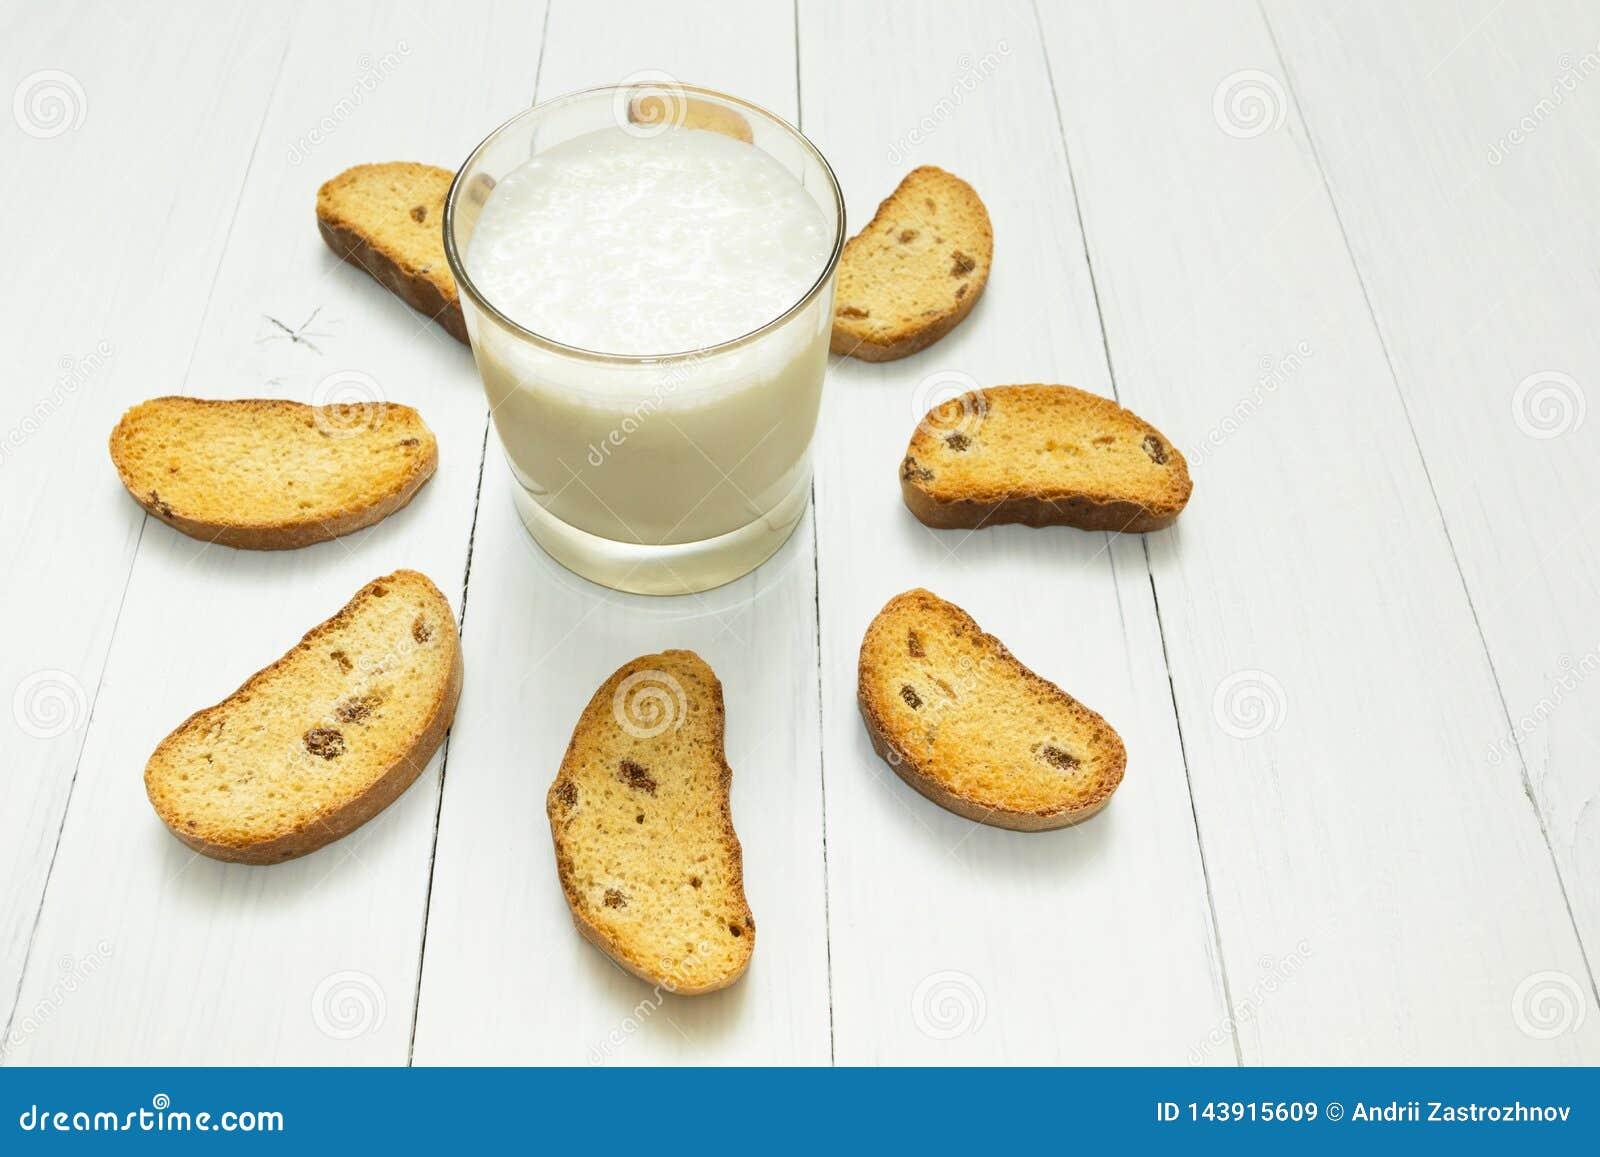 Nourriture saine, yaourt aigre dans une tasse en verre et biscuits avec des raisins secs sur une table blanche